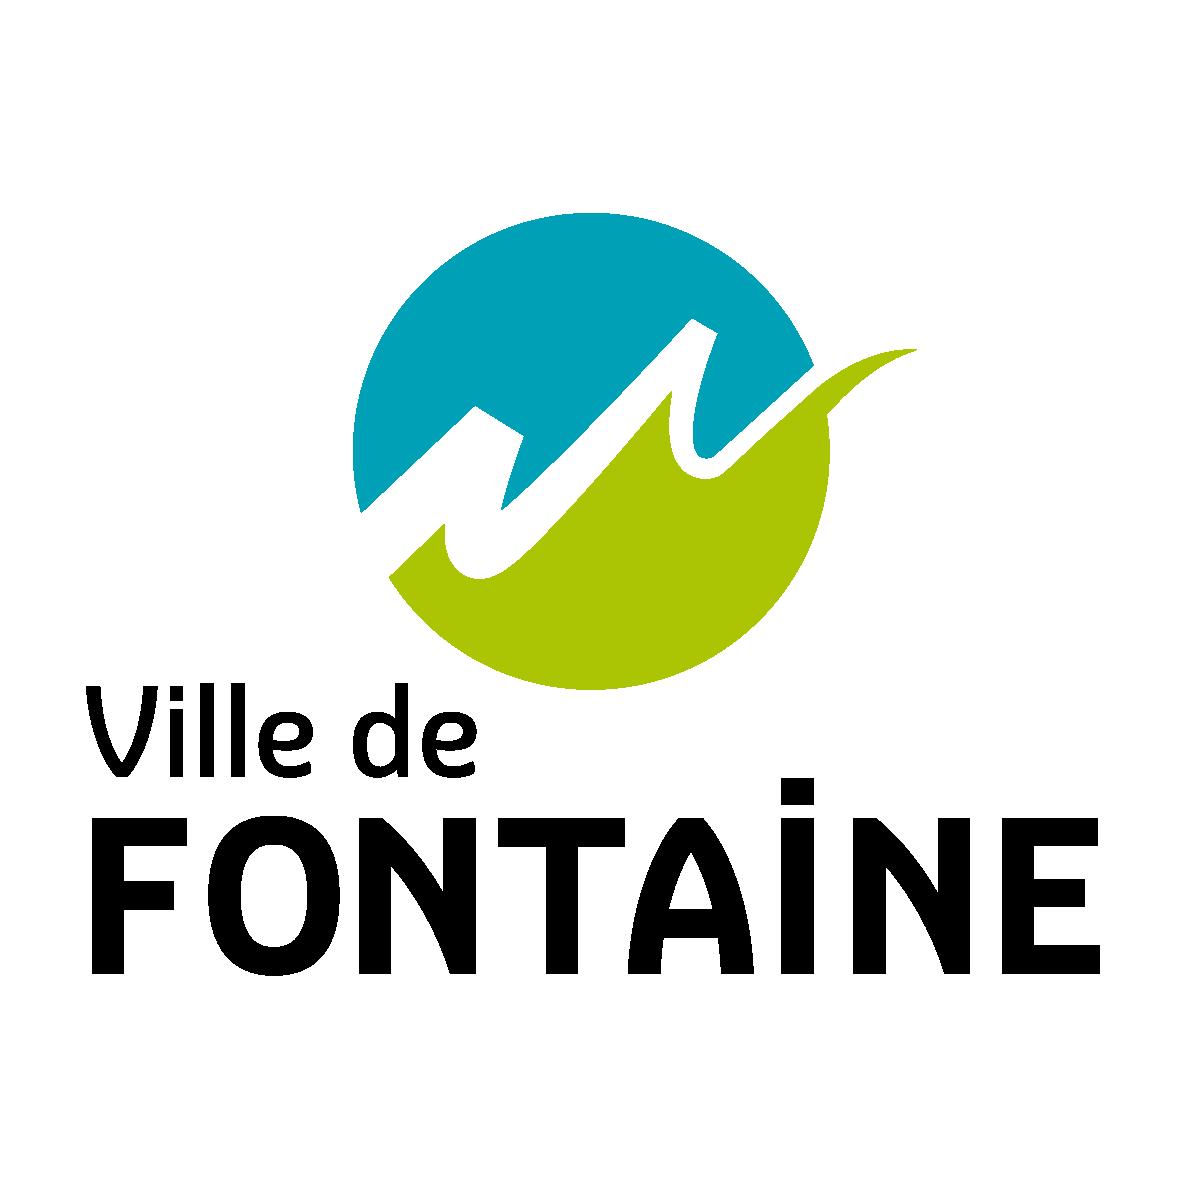 Logo fontaine